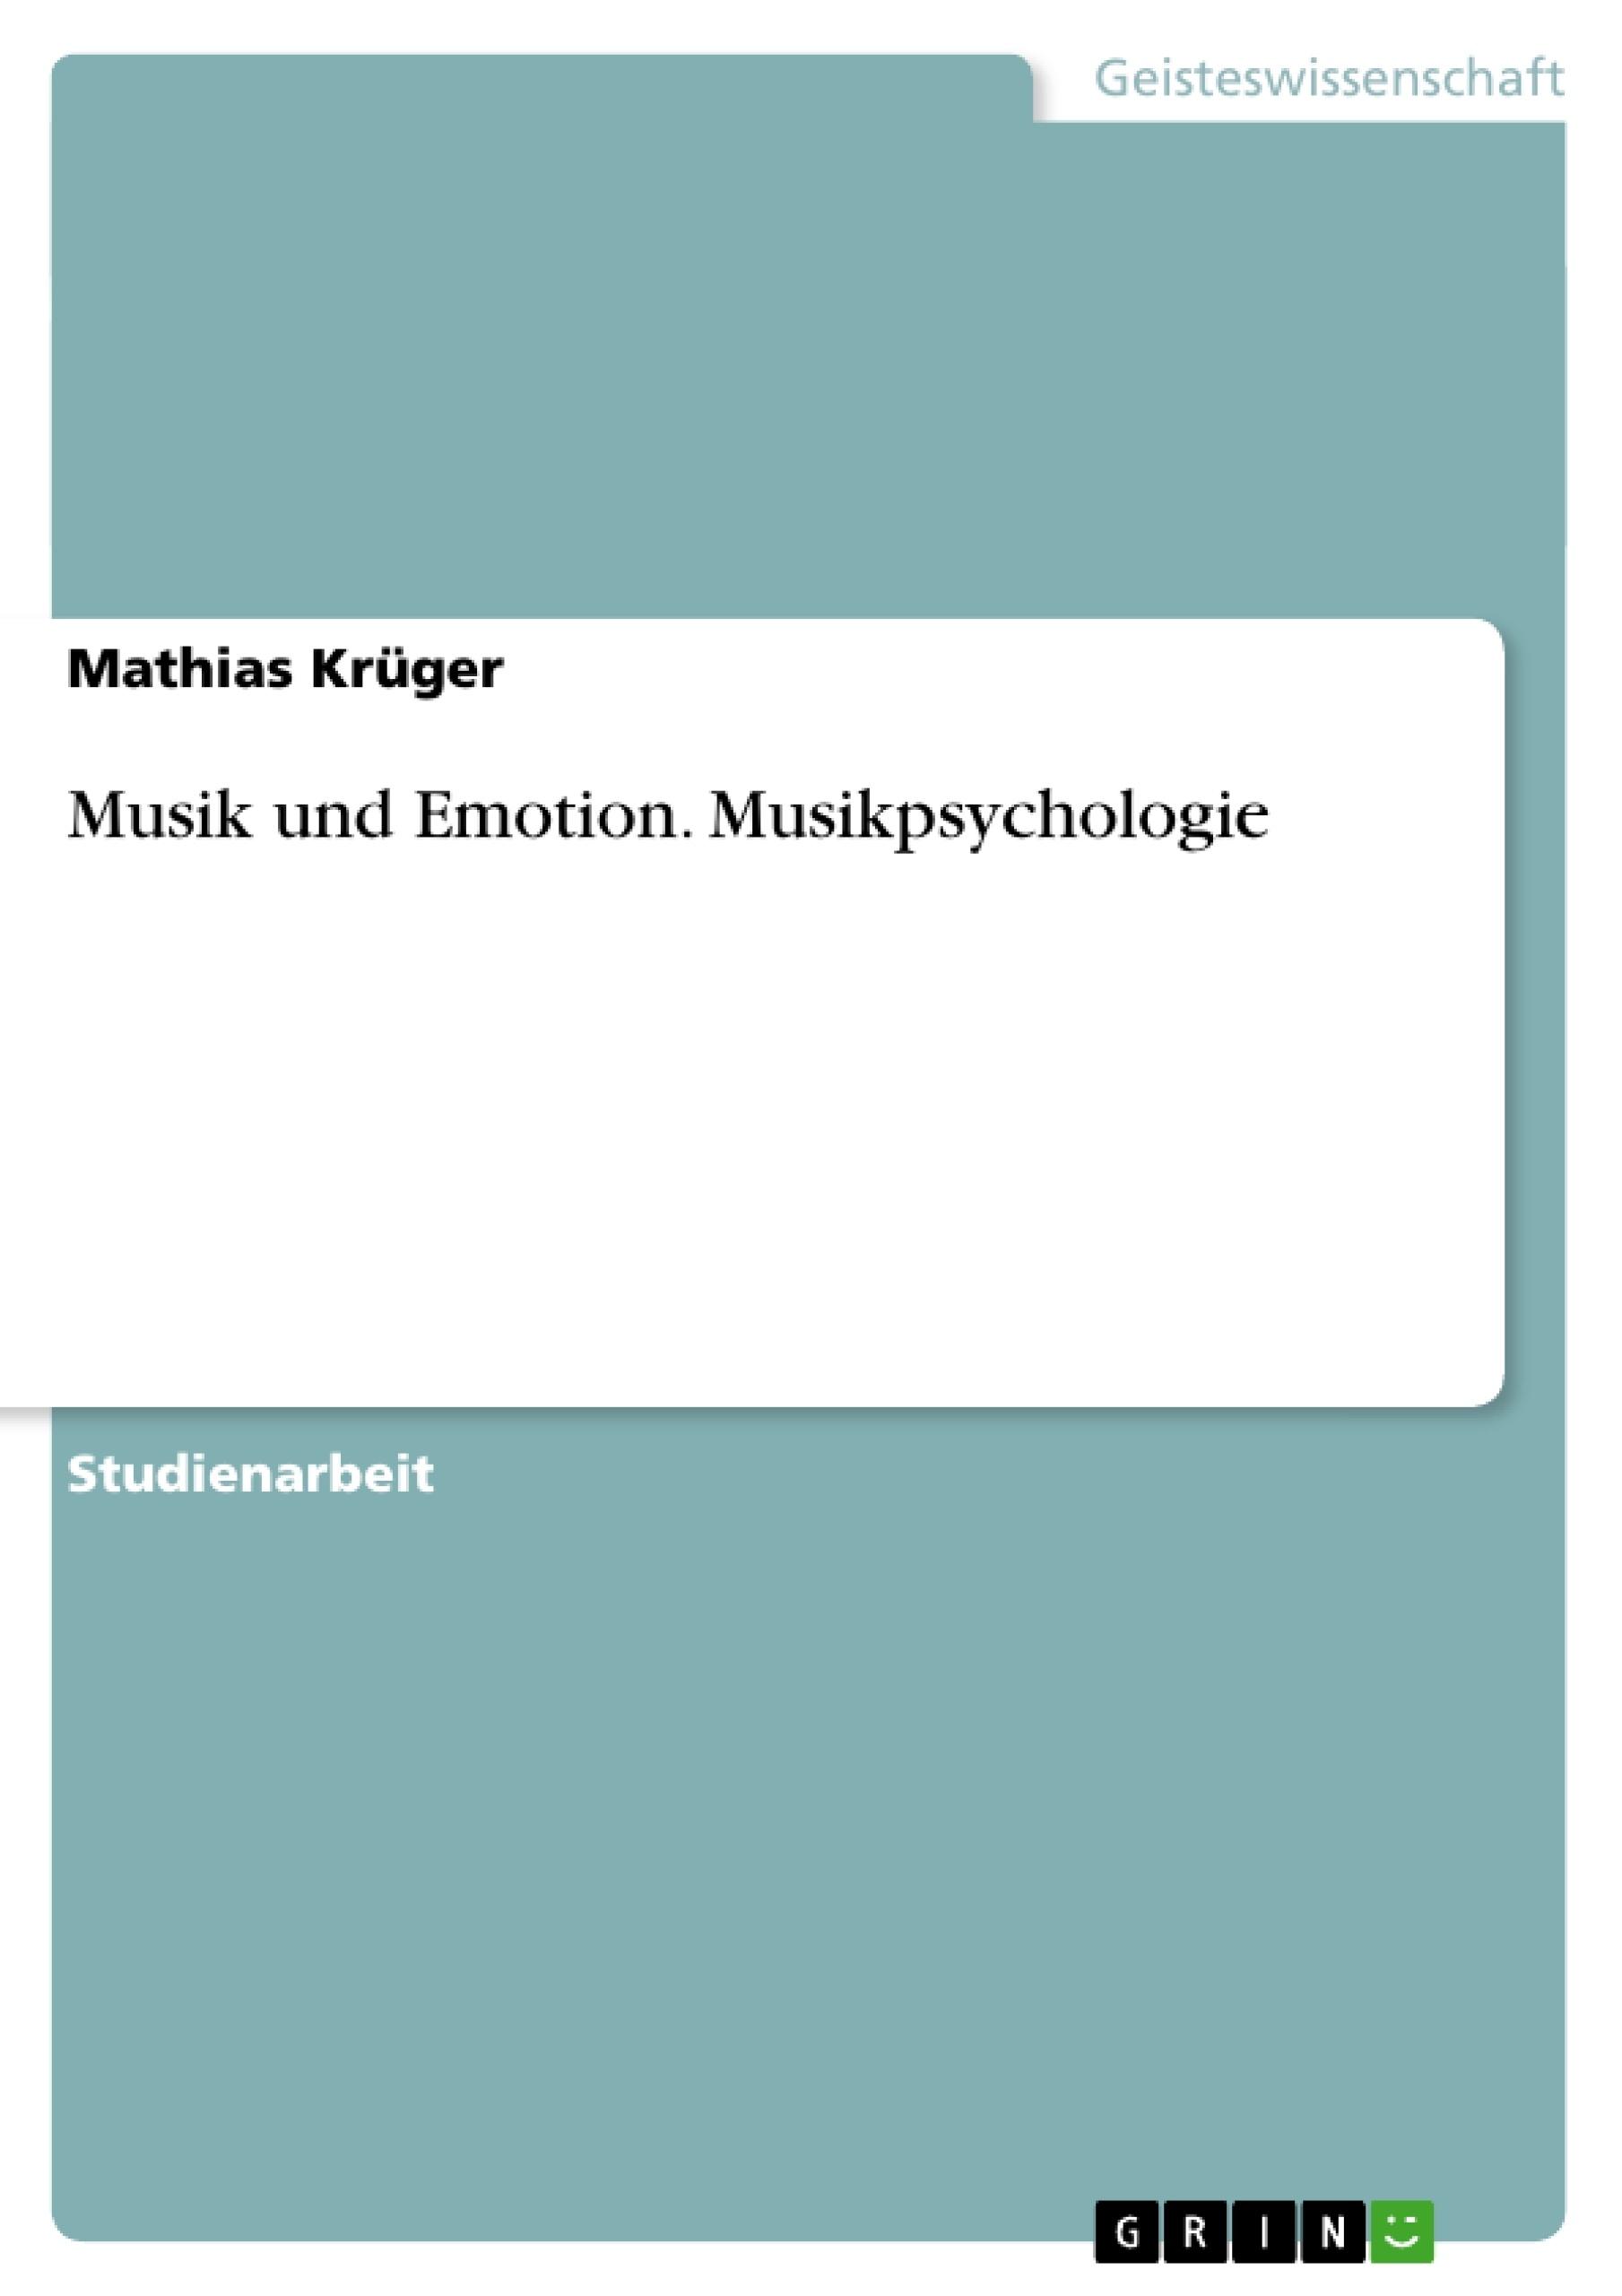 Titel: Musik und Emotion. Musikpsychologie